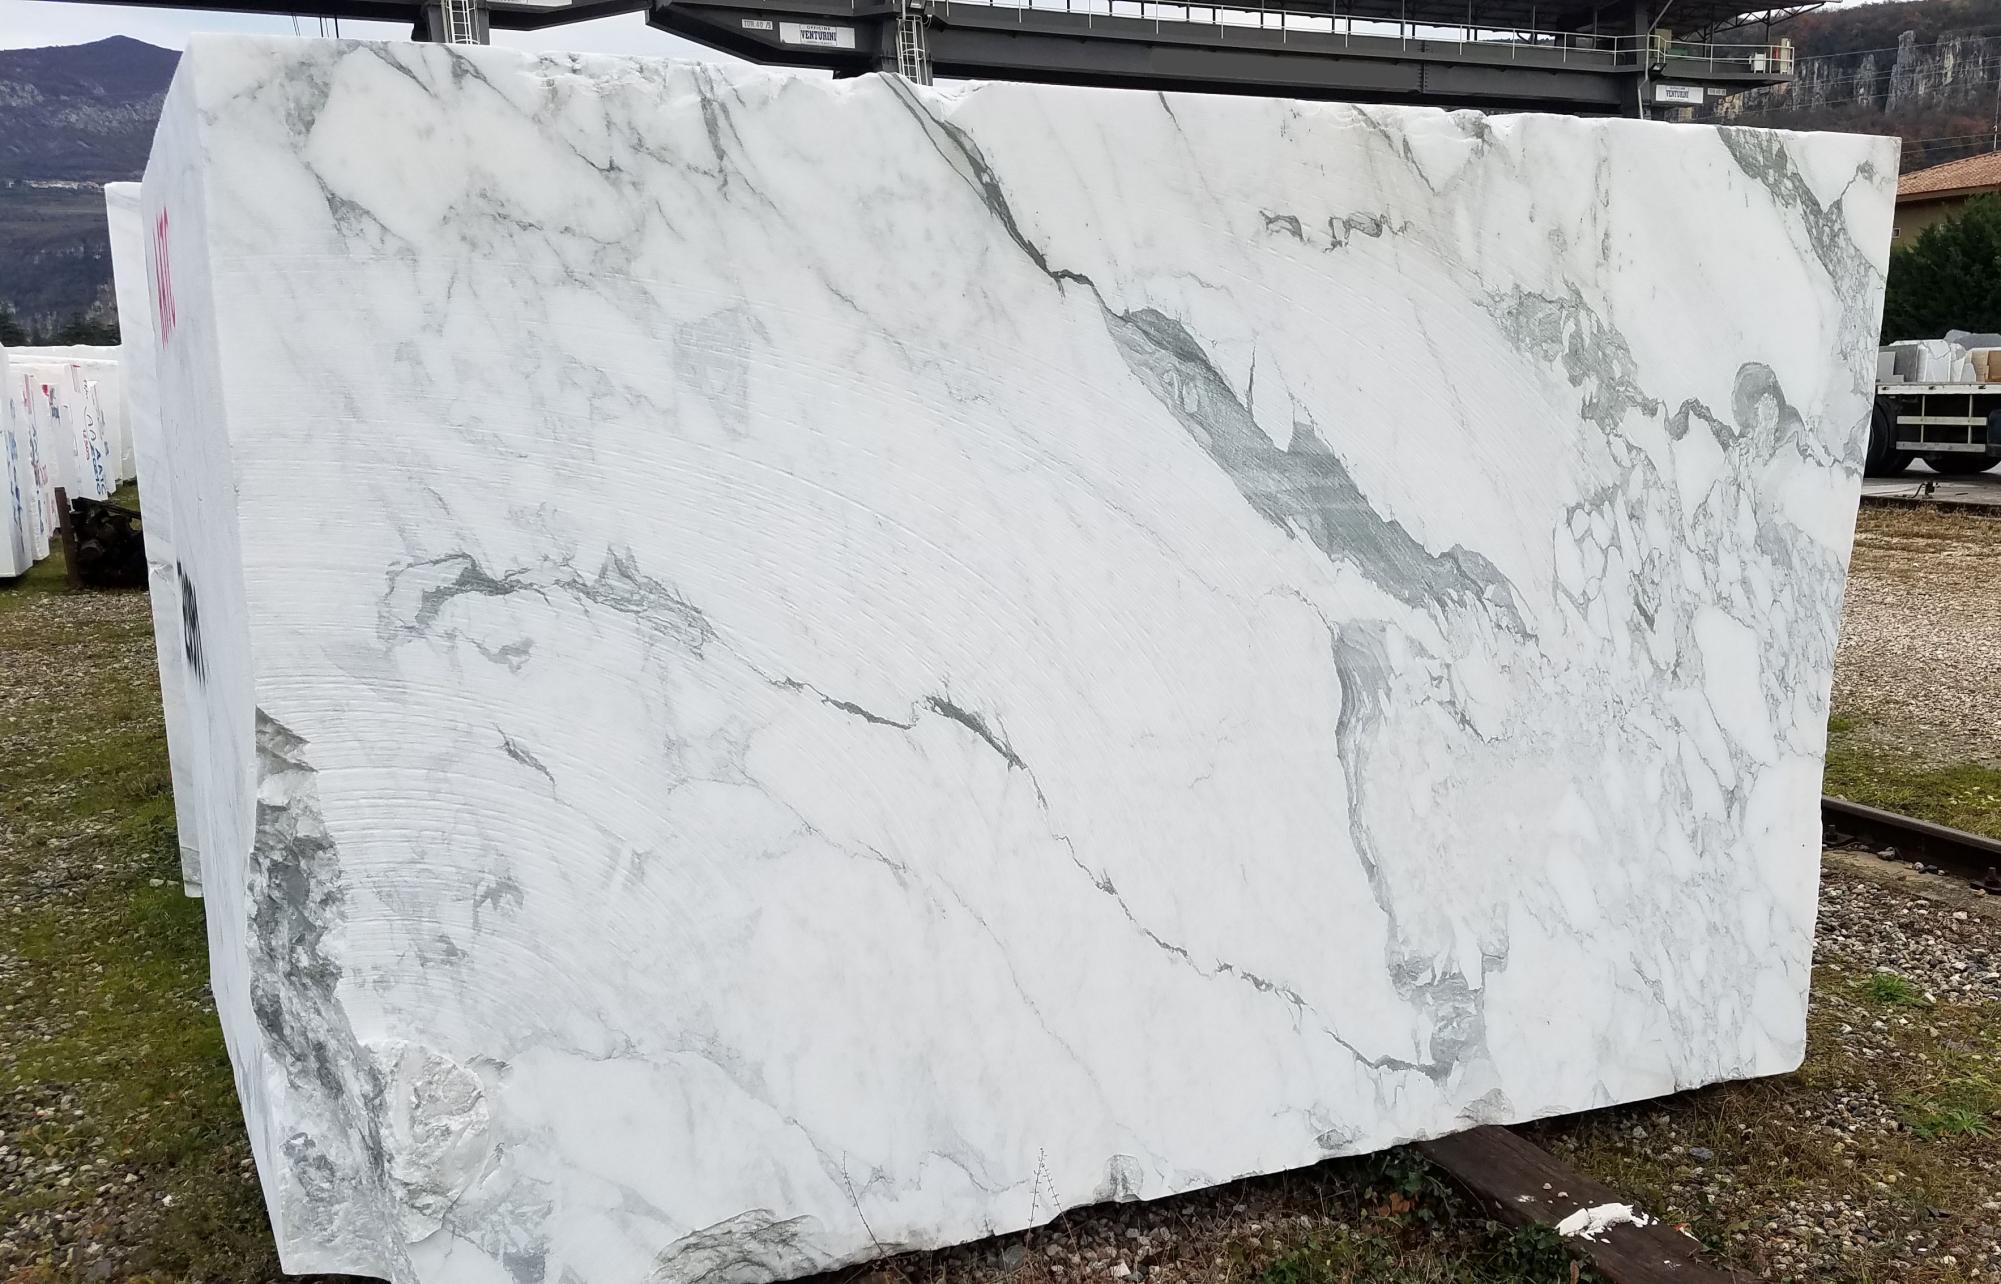 calacatta vagli Fornitura Veneto (Italia) di blocchi segati a diamante in marmo naturale Z0391 , BL01